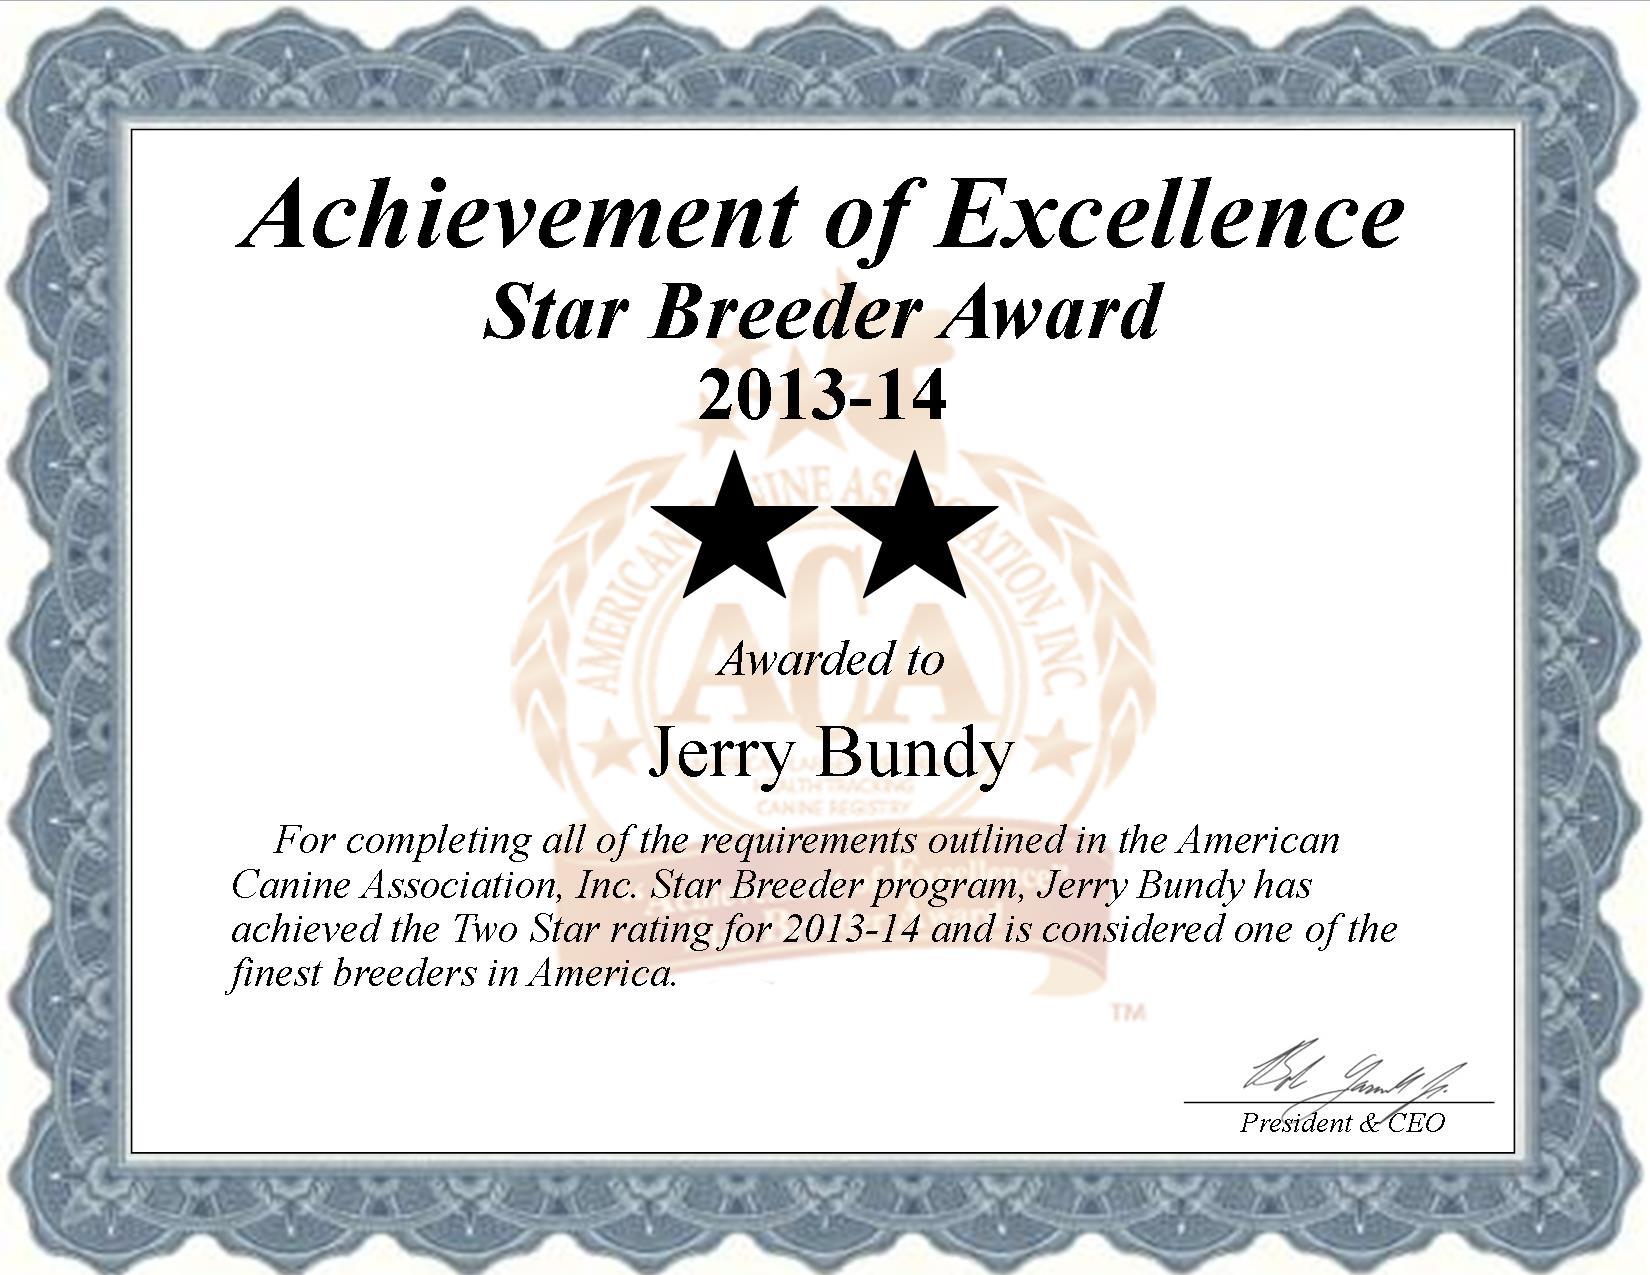 Jerry, Bundy, Jerry Bundy, Bundy Kennel, breeder, star breeder, aca, star breeder, 2 star, shell knob, shellknob, Missouri, MO, dog, puppy, puppies